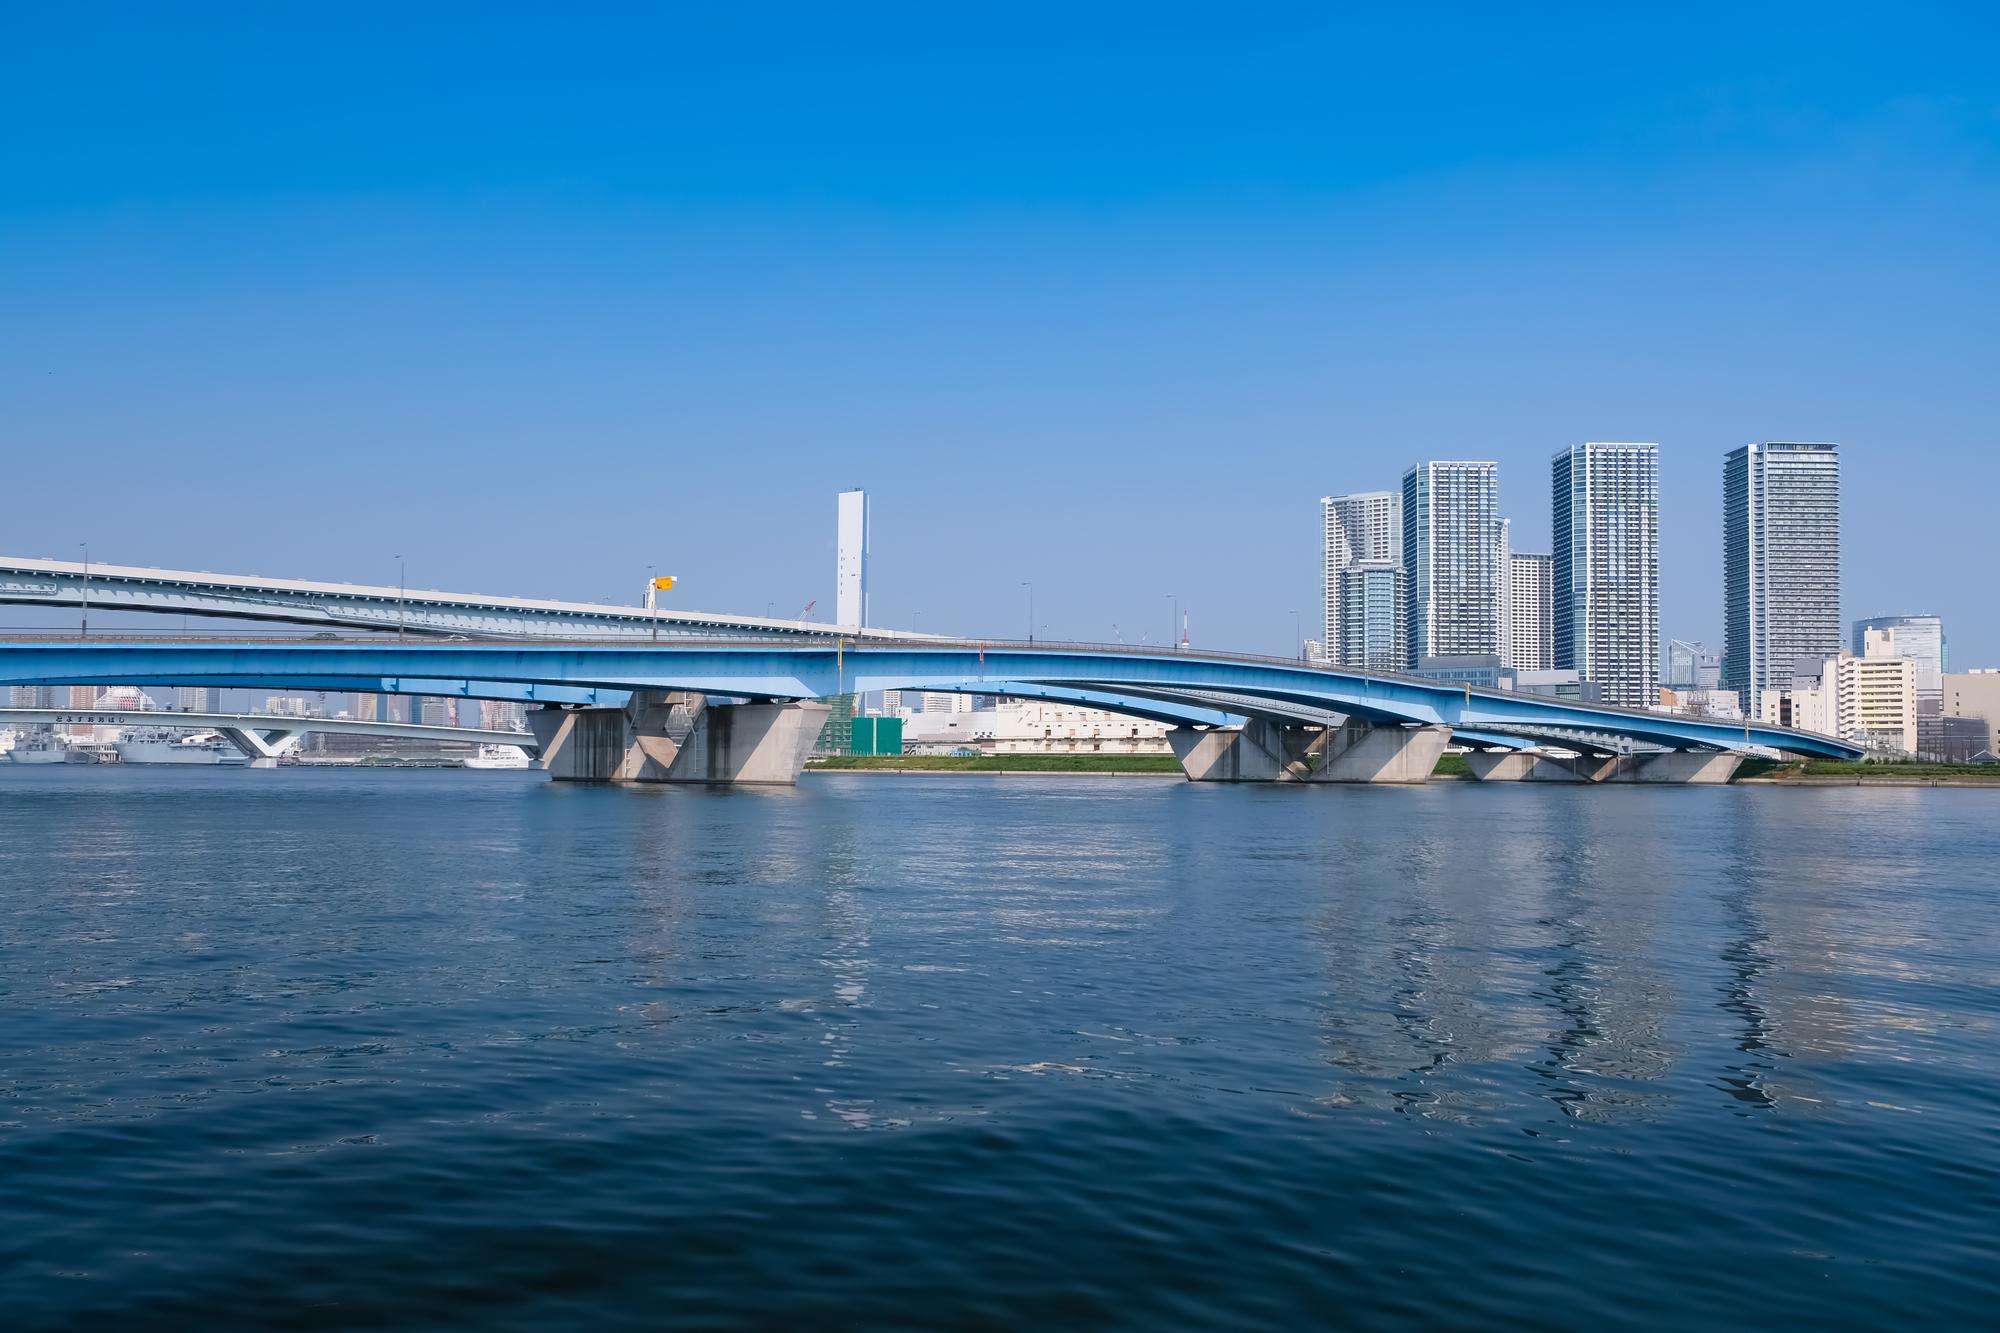 雲ひとつない青空が広がる東京湾